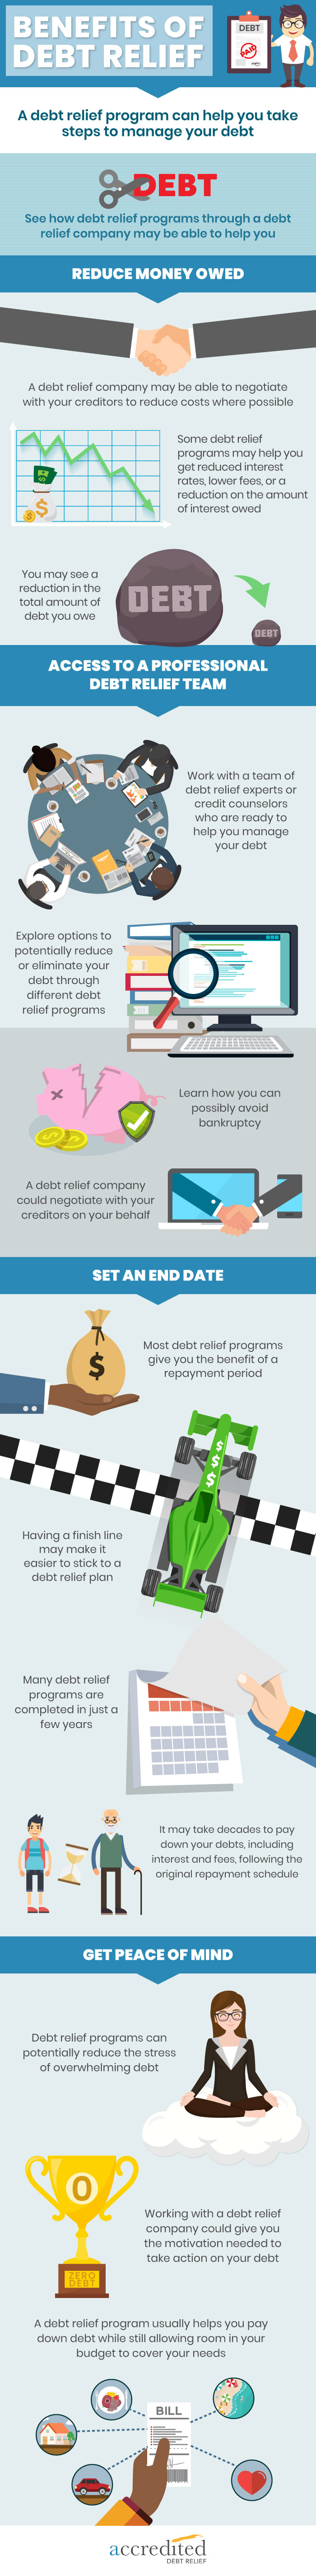 Benefits of Debt Relief